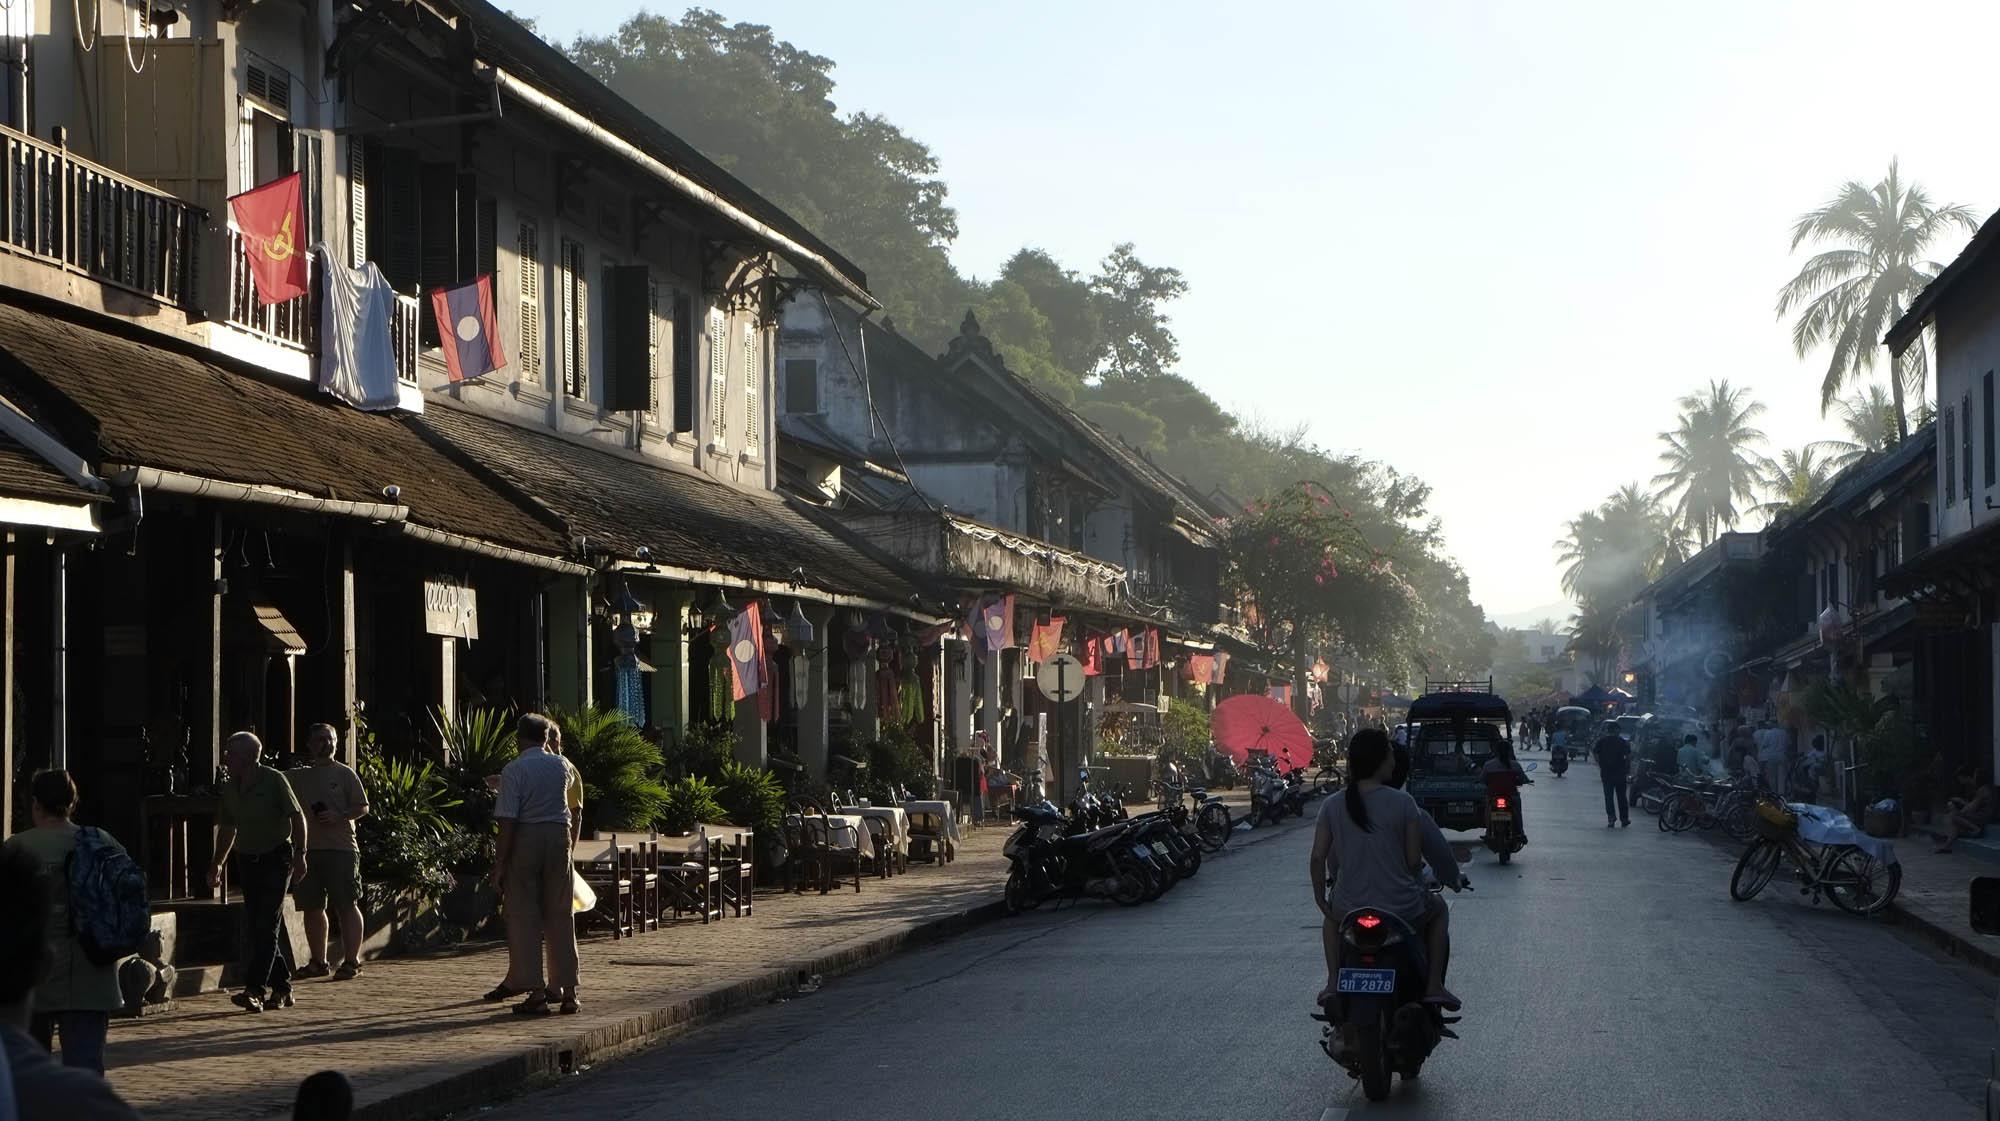 reise-ansichten Luang Prabang